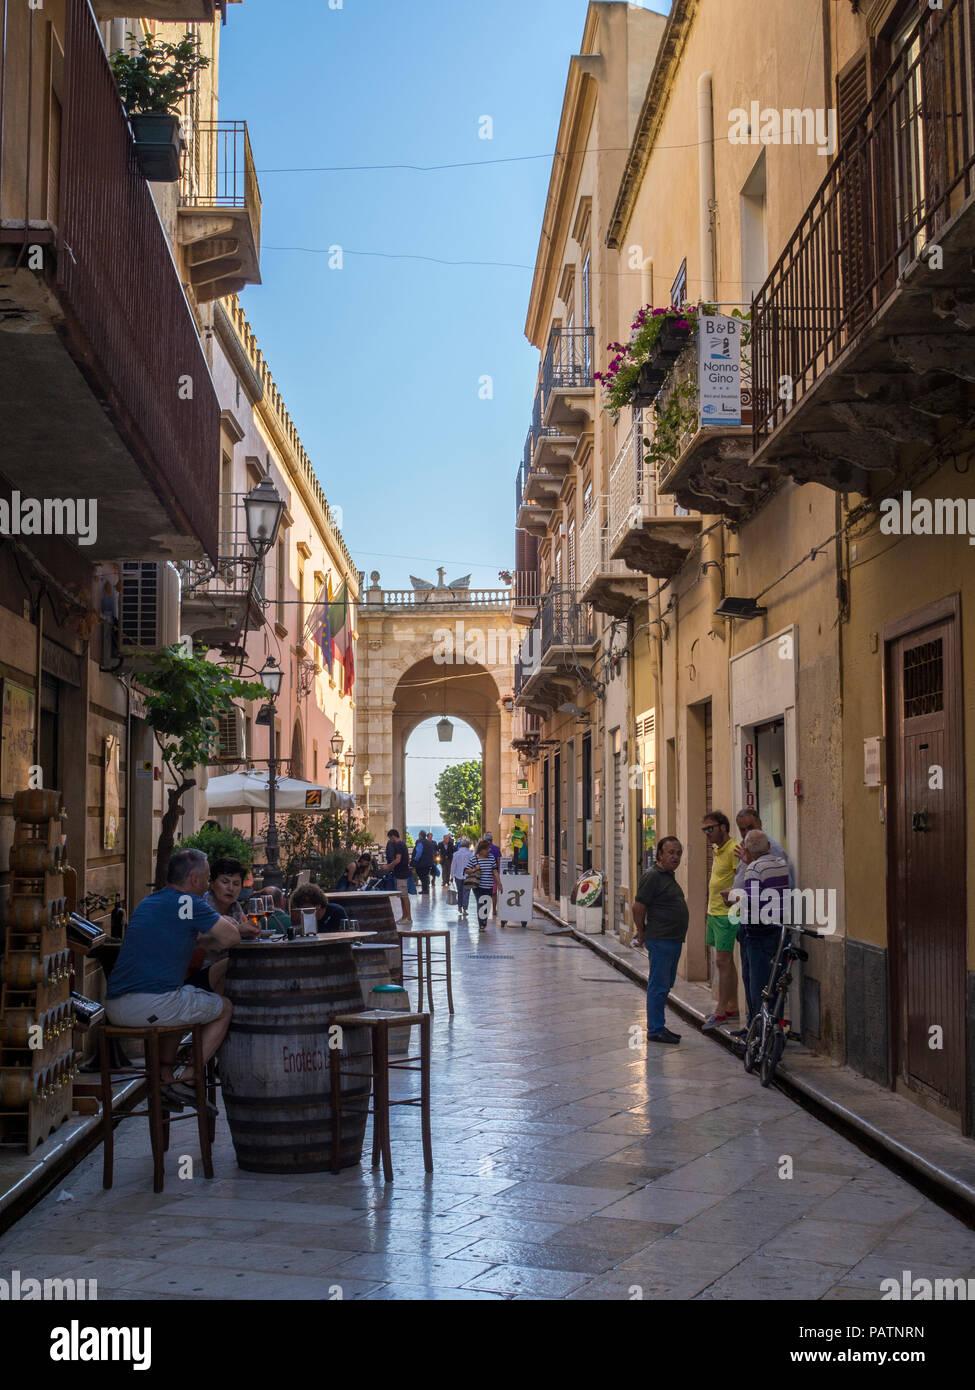 la calle via garibaldi en la ciudad de marsala en el oeste de sicilia italia marsala esta construida sobre las ruinas de la antigua ciudad lilybaion cartaginesa patnrn